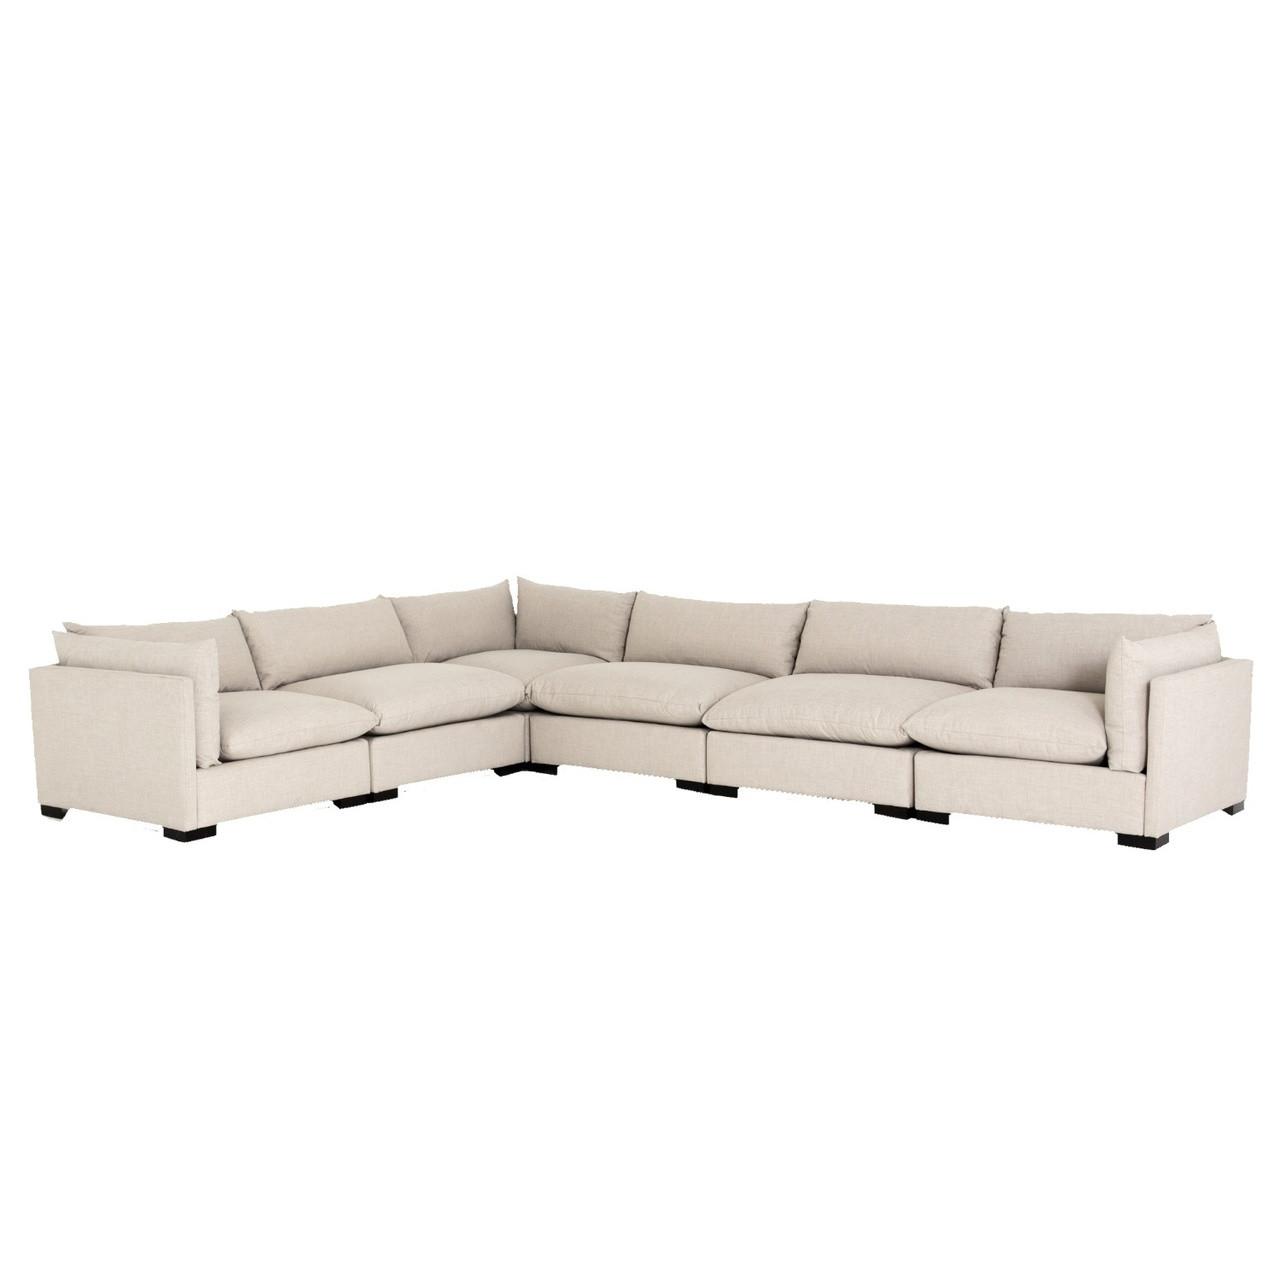 Westworld Modern Beige 6-Piece Corner Sectional Sofa 156\